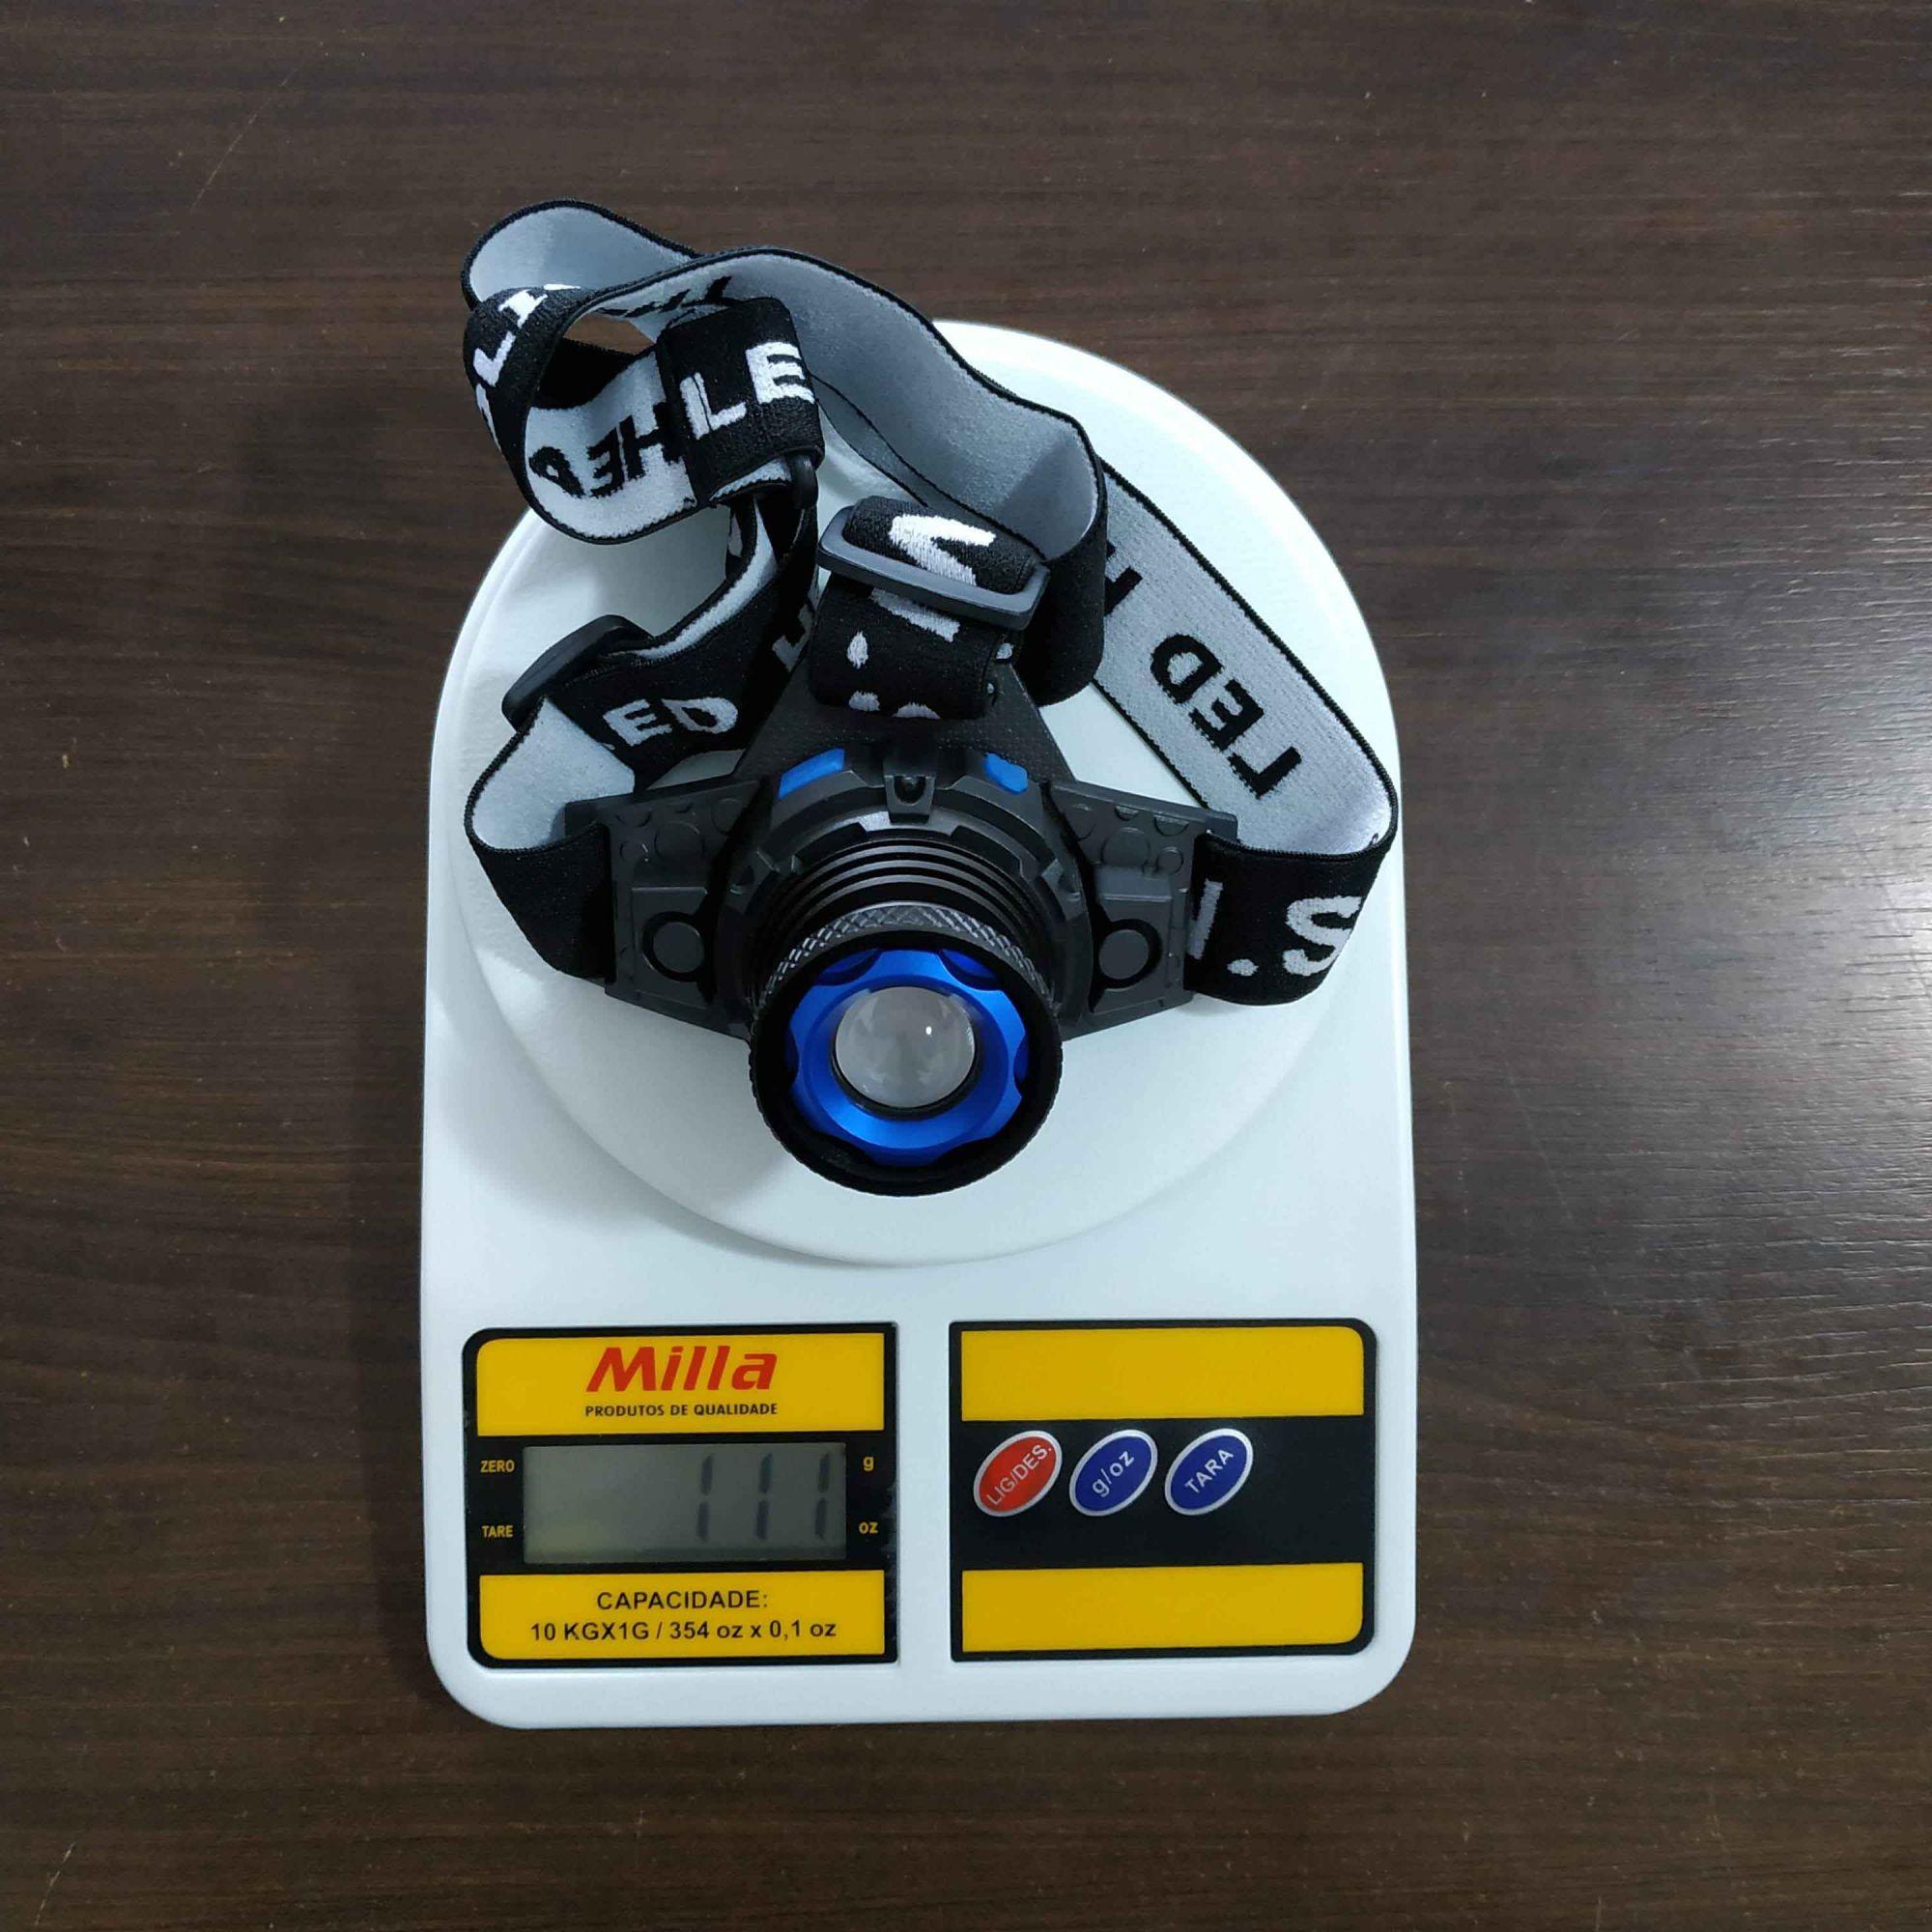 Farol Cabeça JWS WS-120 Q5 LED Super Forte Recarregável